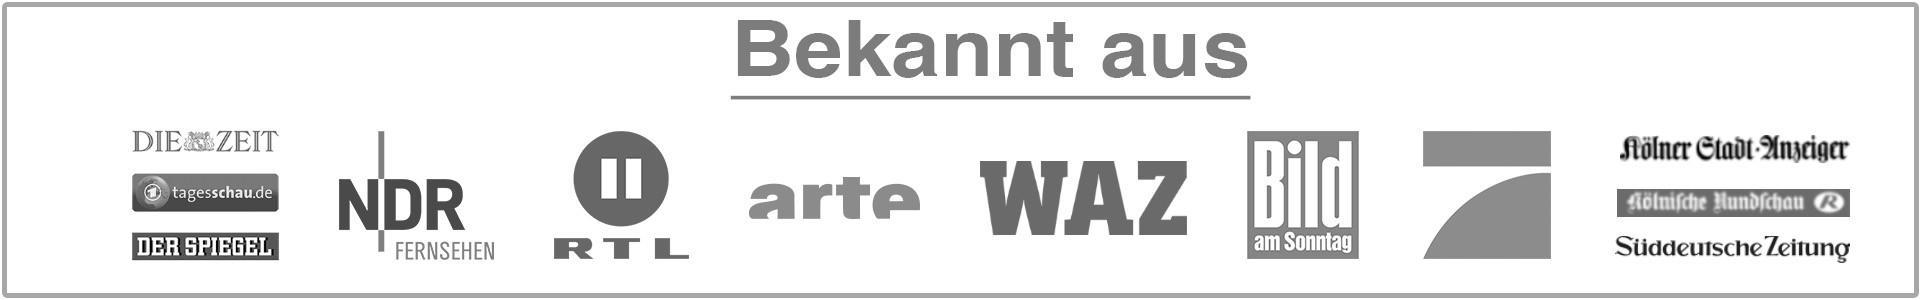 Bekannt aus Pro7 Ndr RTL Arte WAZ BAMS Die Zeit Tagesschau.de Der Spiegel